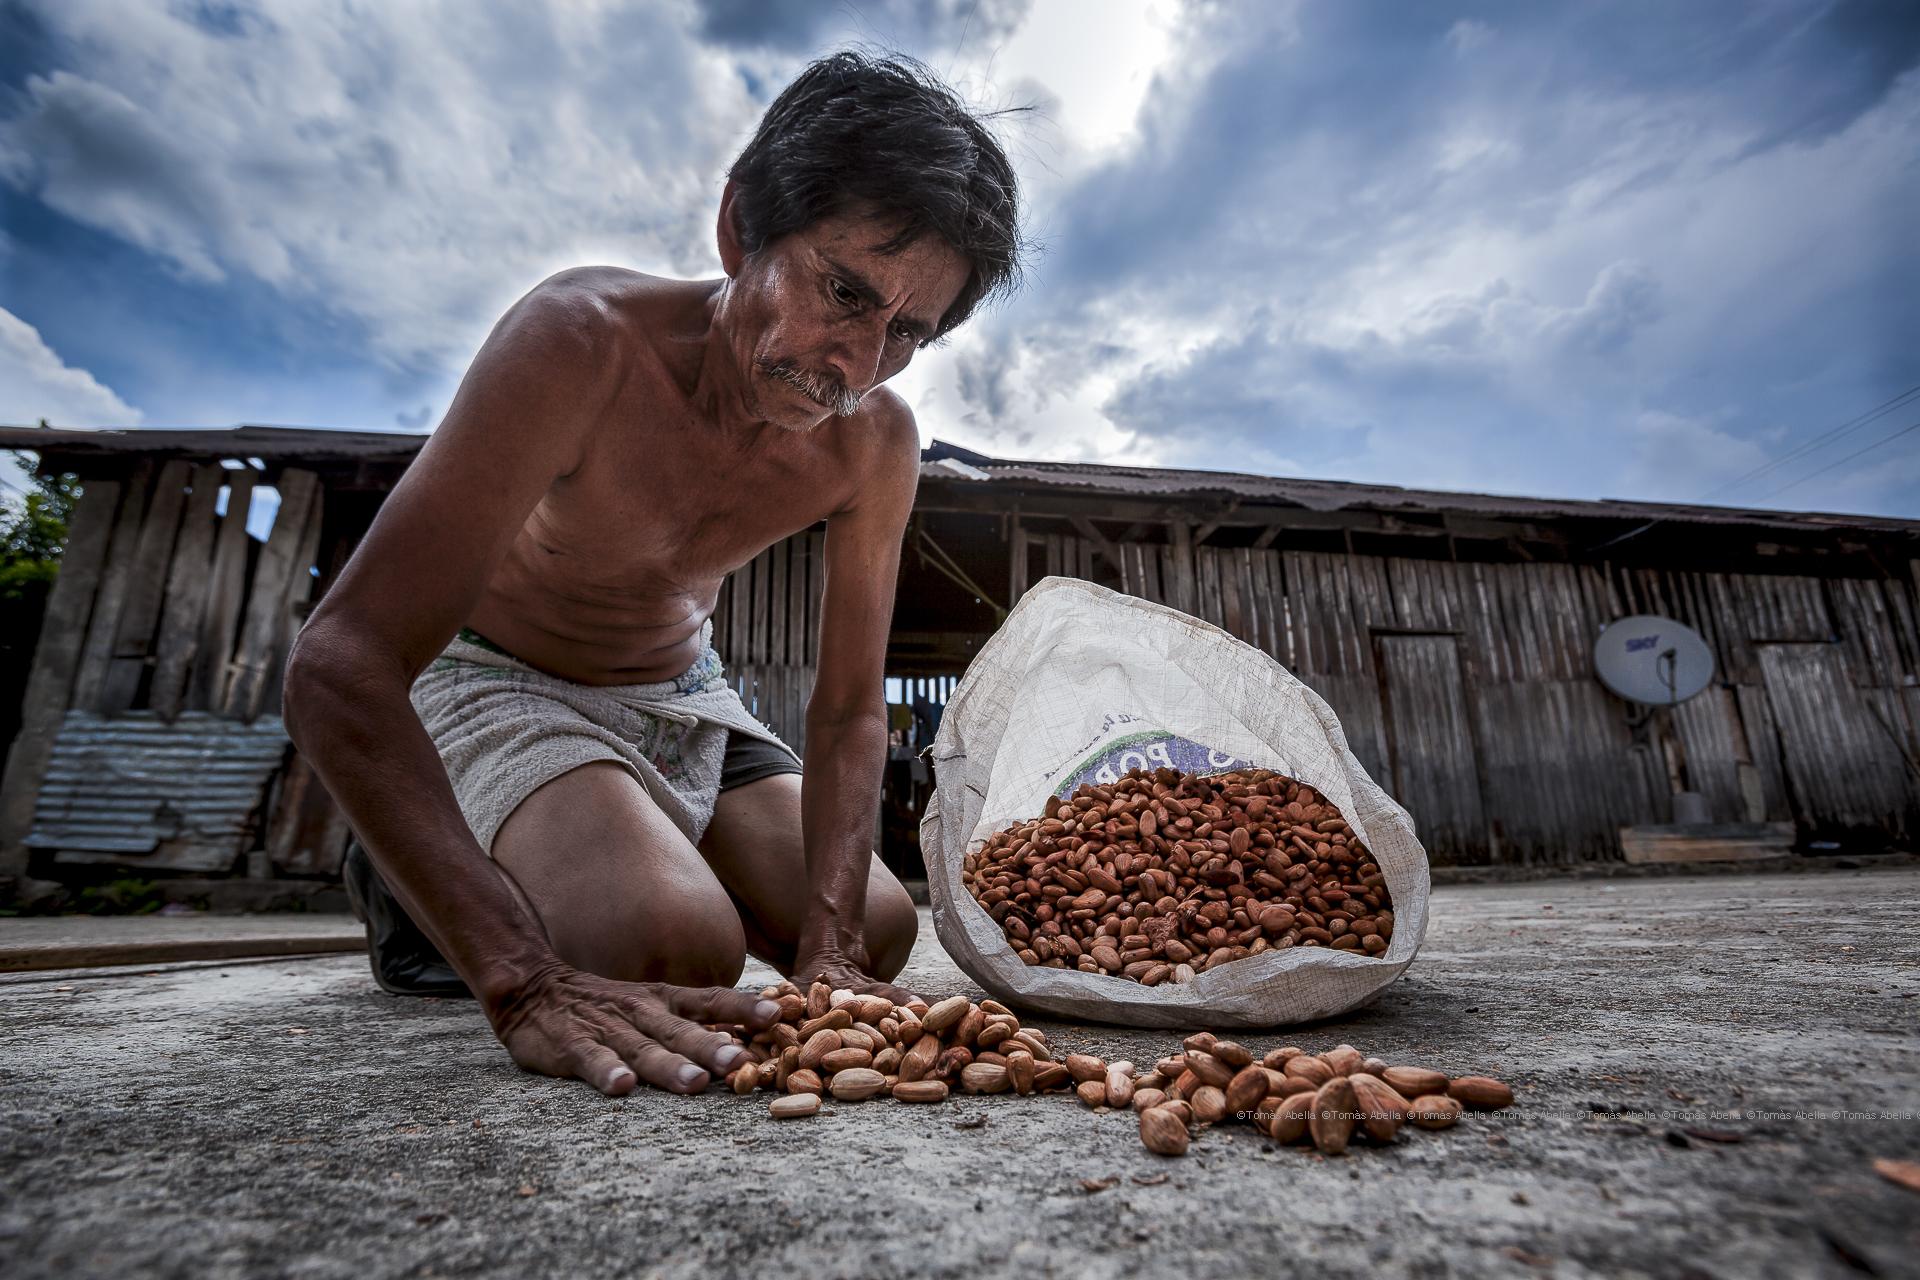 Saving Mexican criollo cocoa (Royal Cocoa of Soconusco)